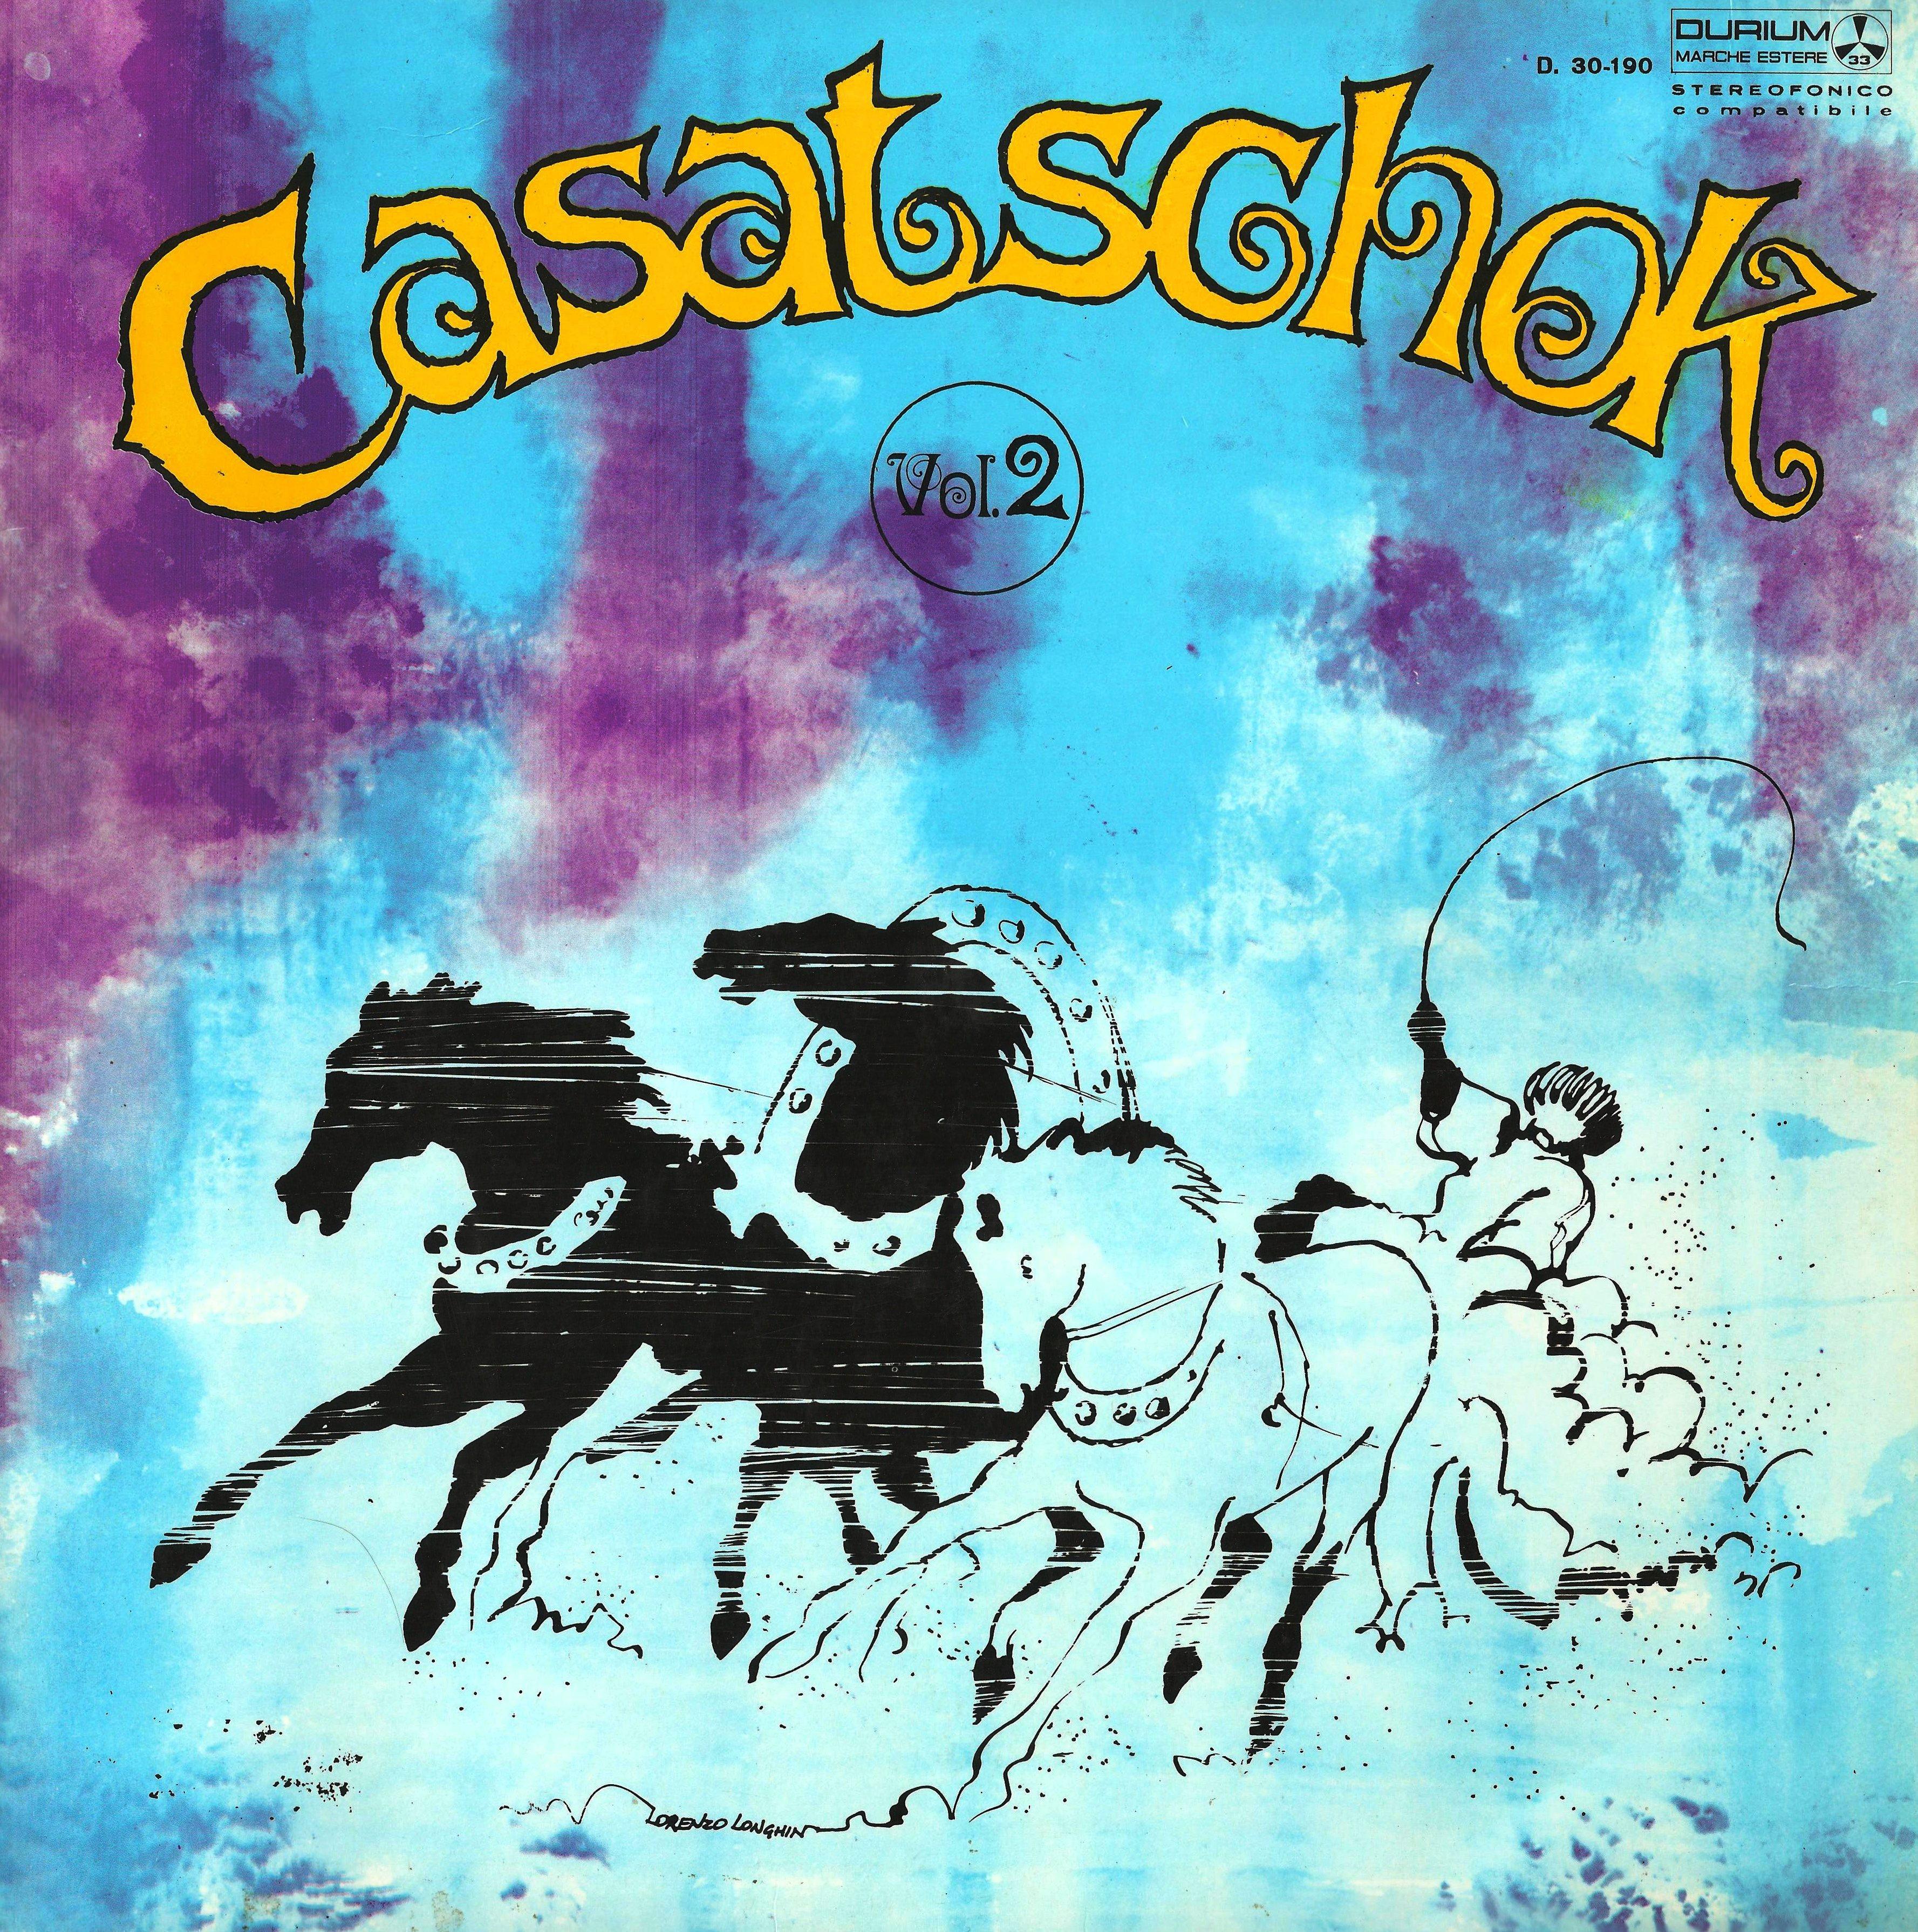 Dimitri Dourakine – Casatschok 2